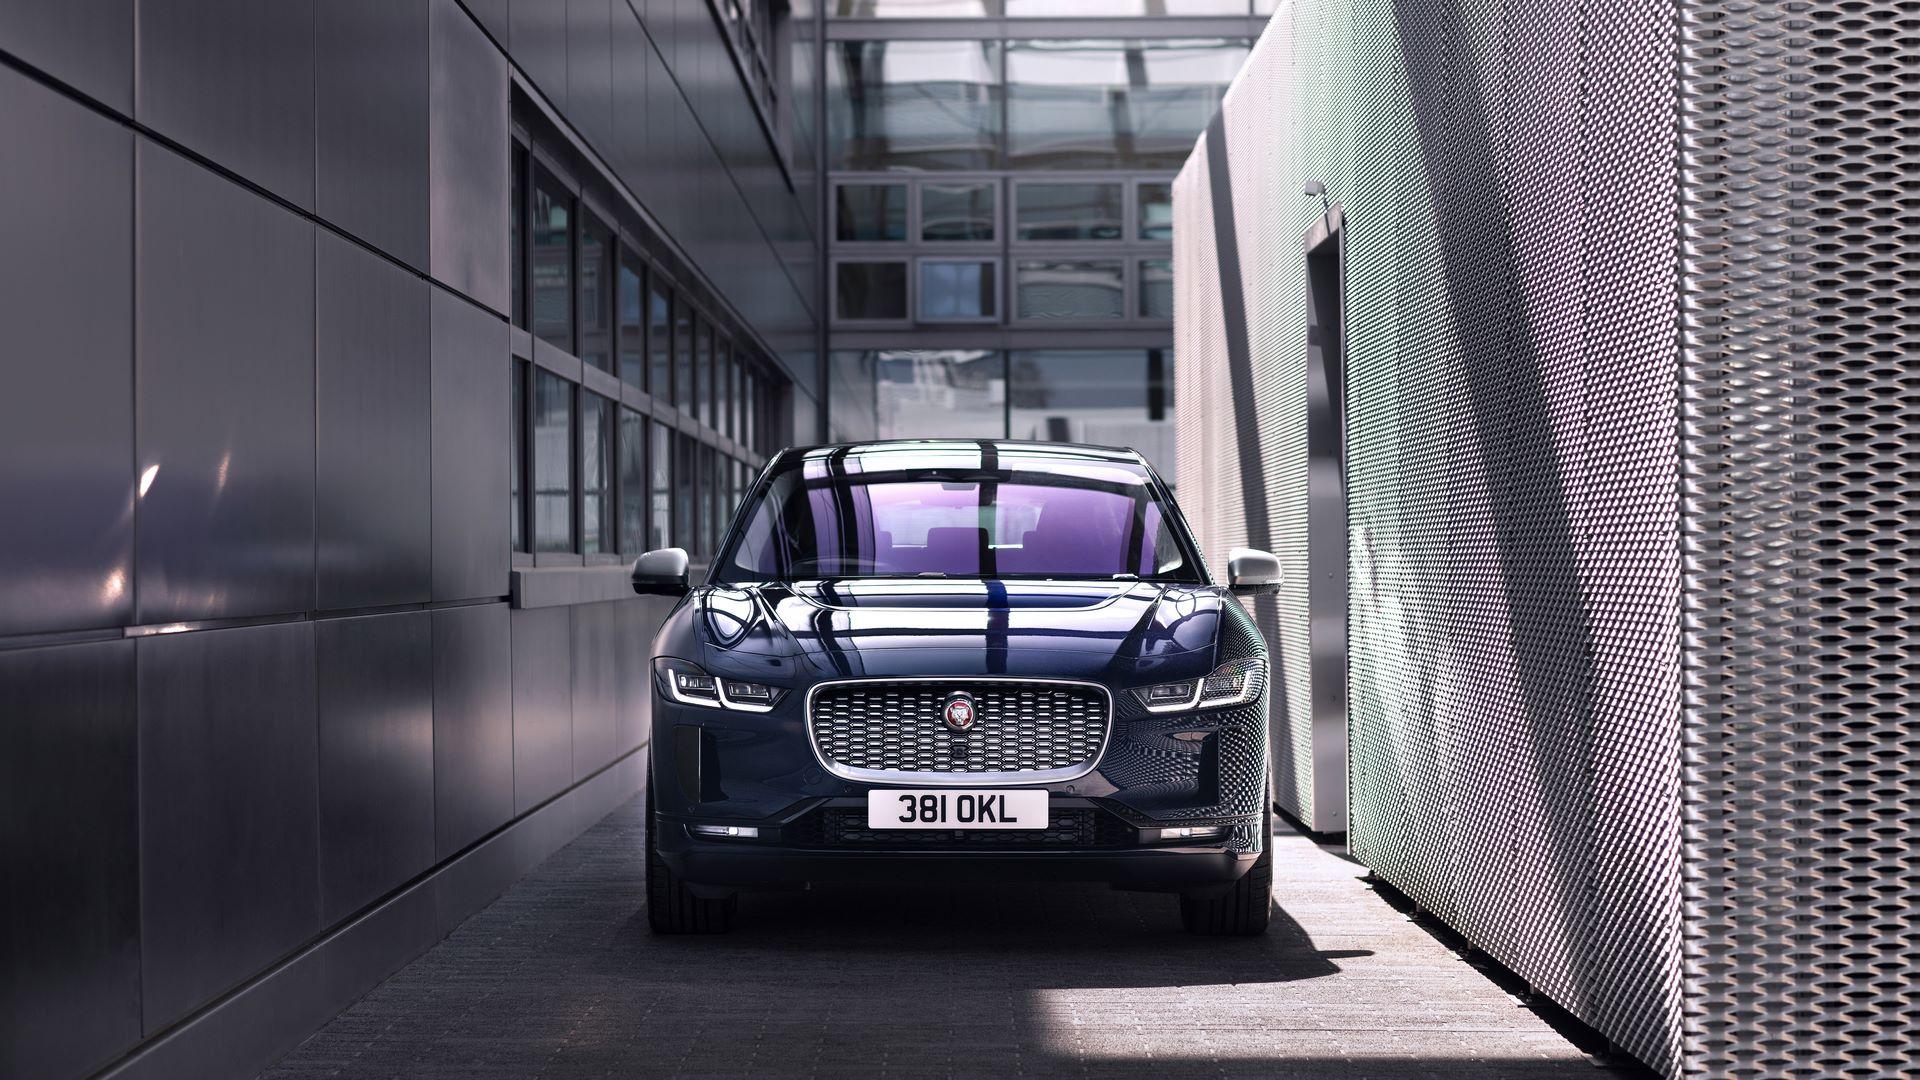 Jaguar-I-Pace-2021-21